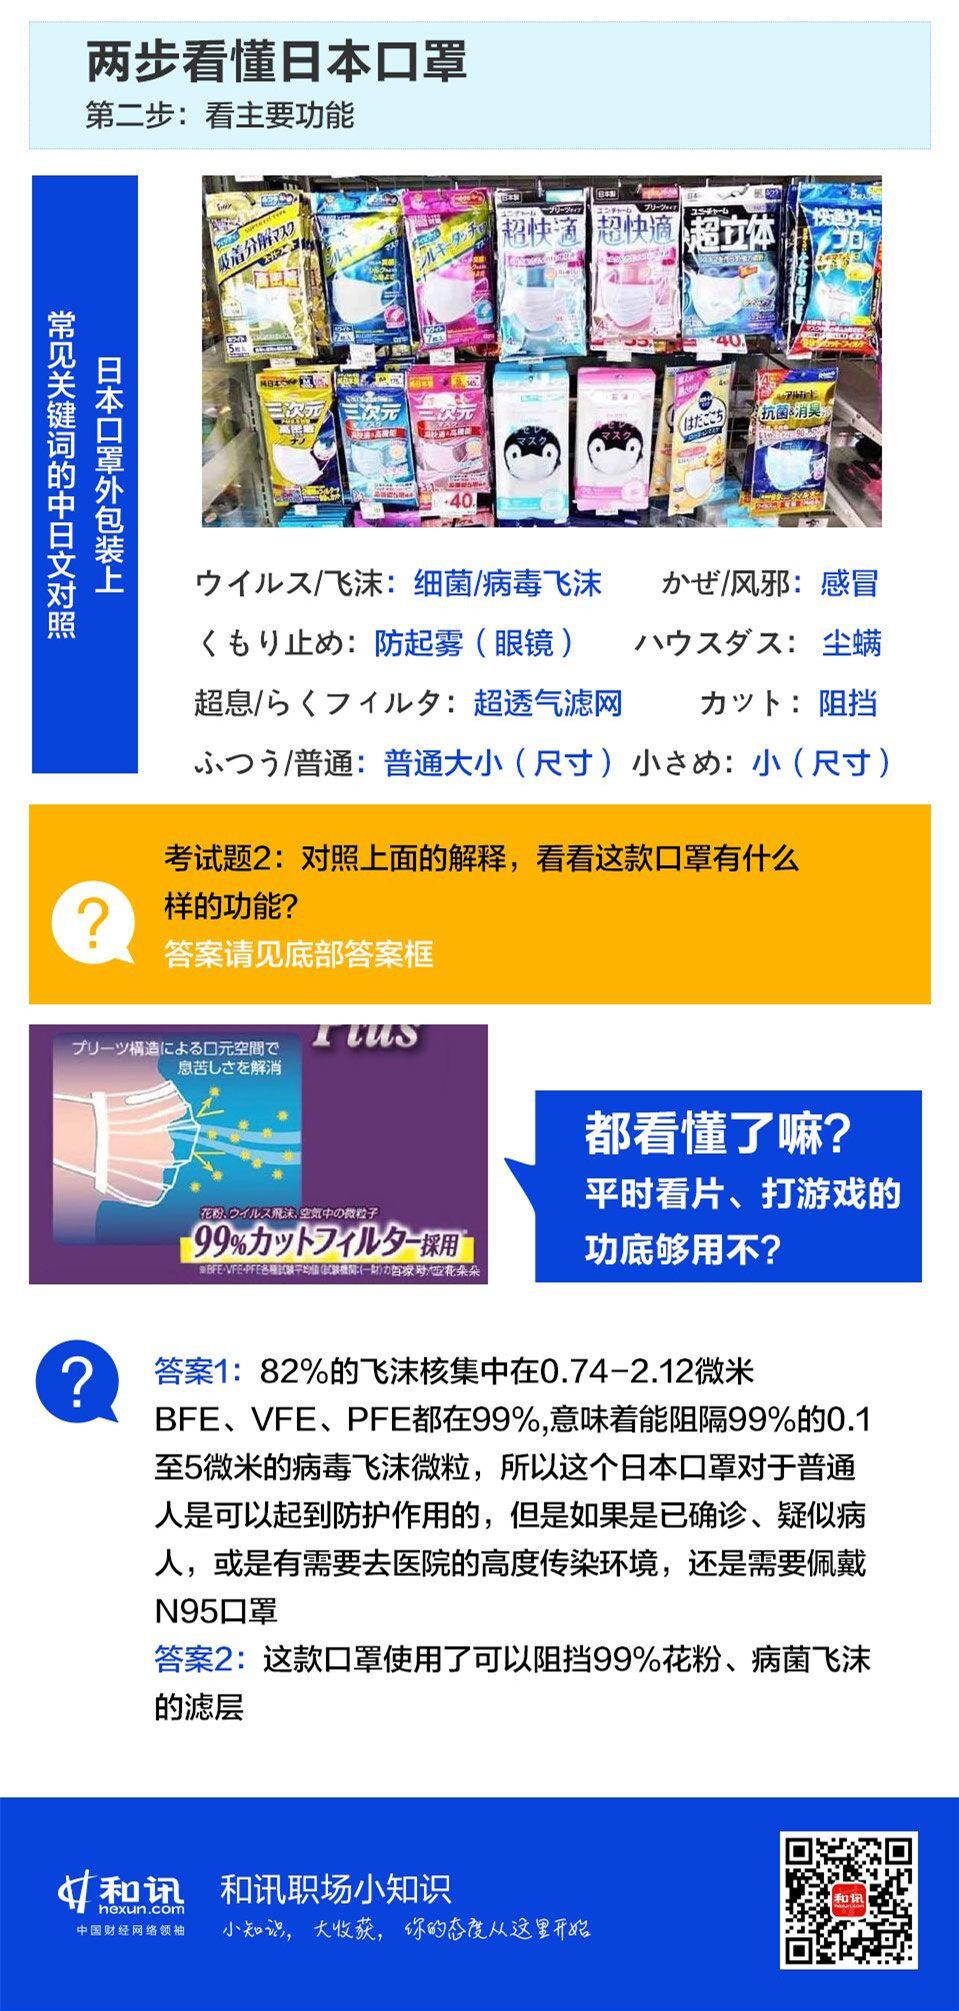 和讯职场幼知识:两步望懂日本口罩